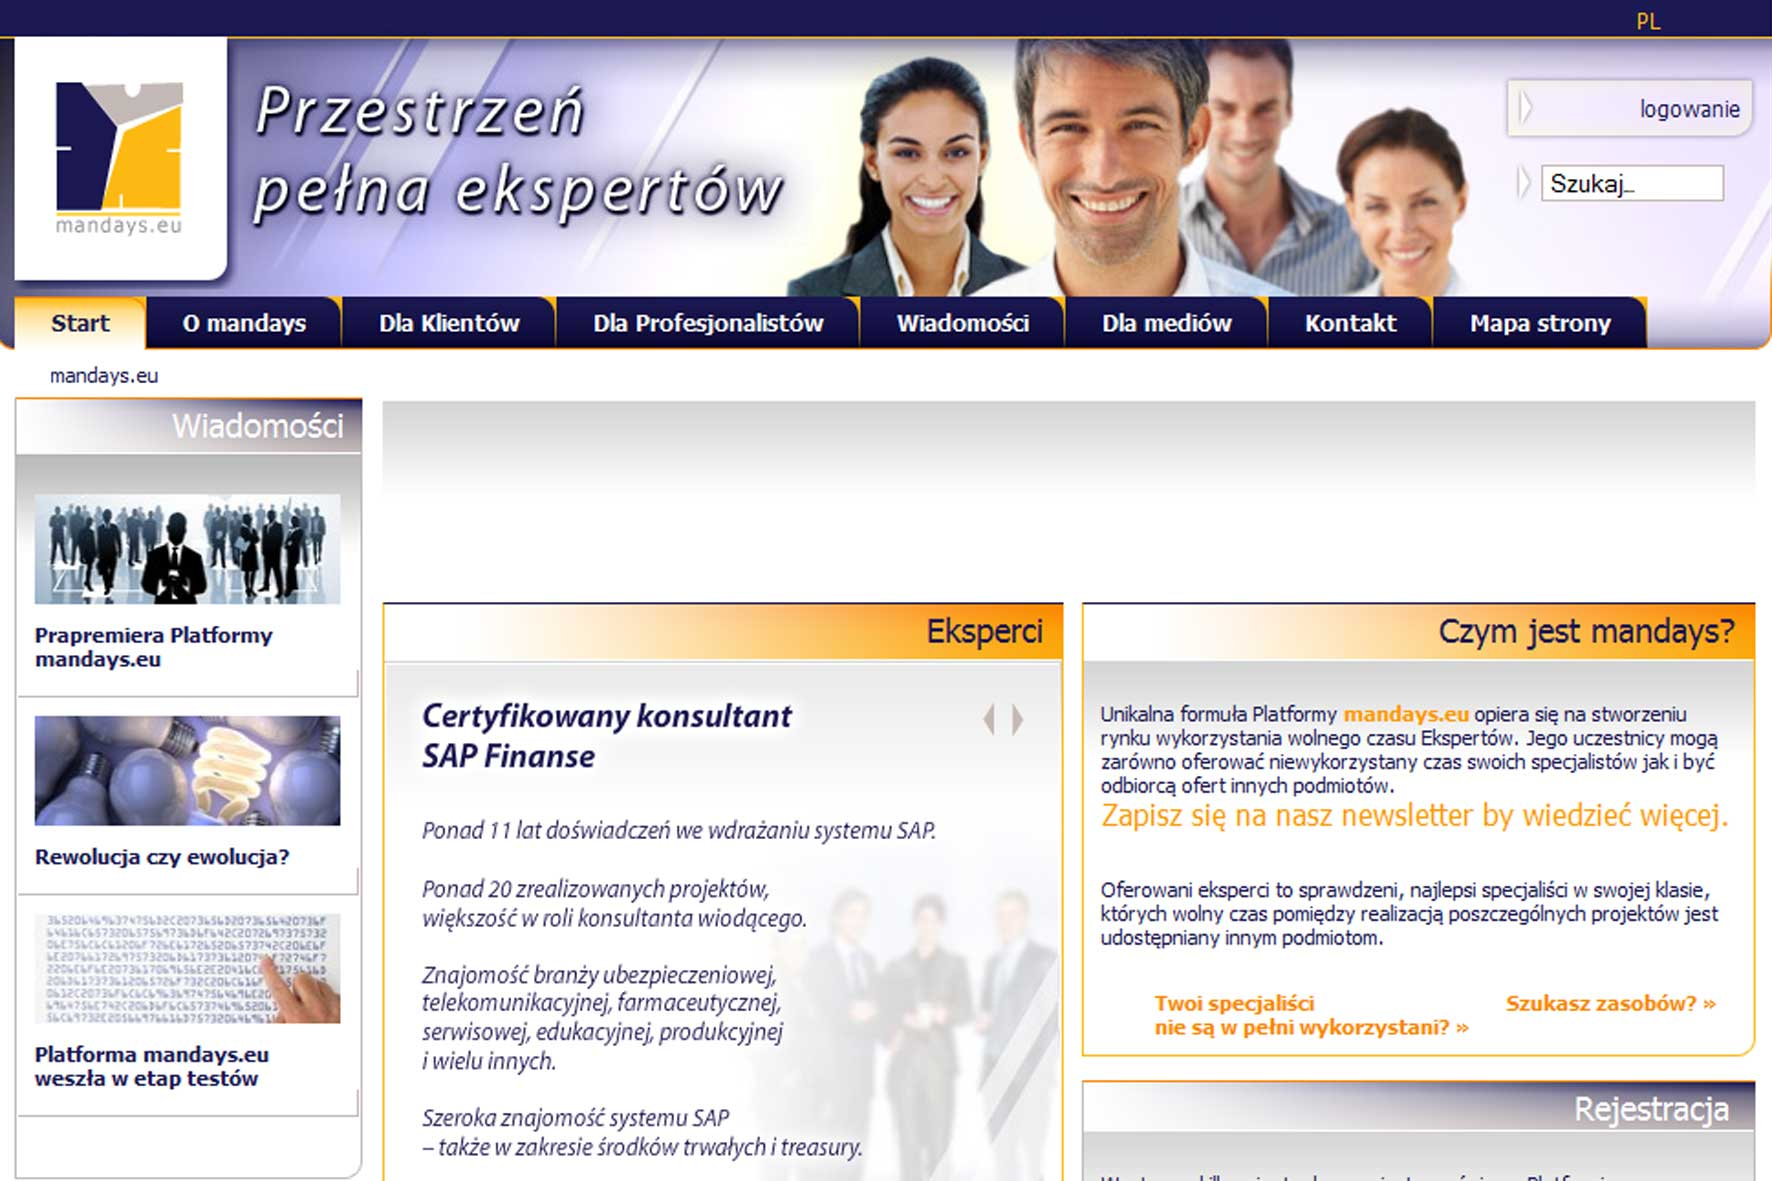 Umów się przez sieć z konsultantem SAP-a